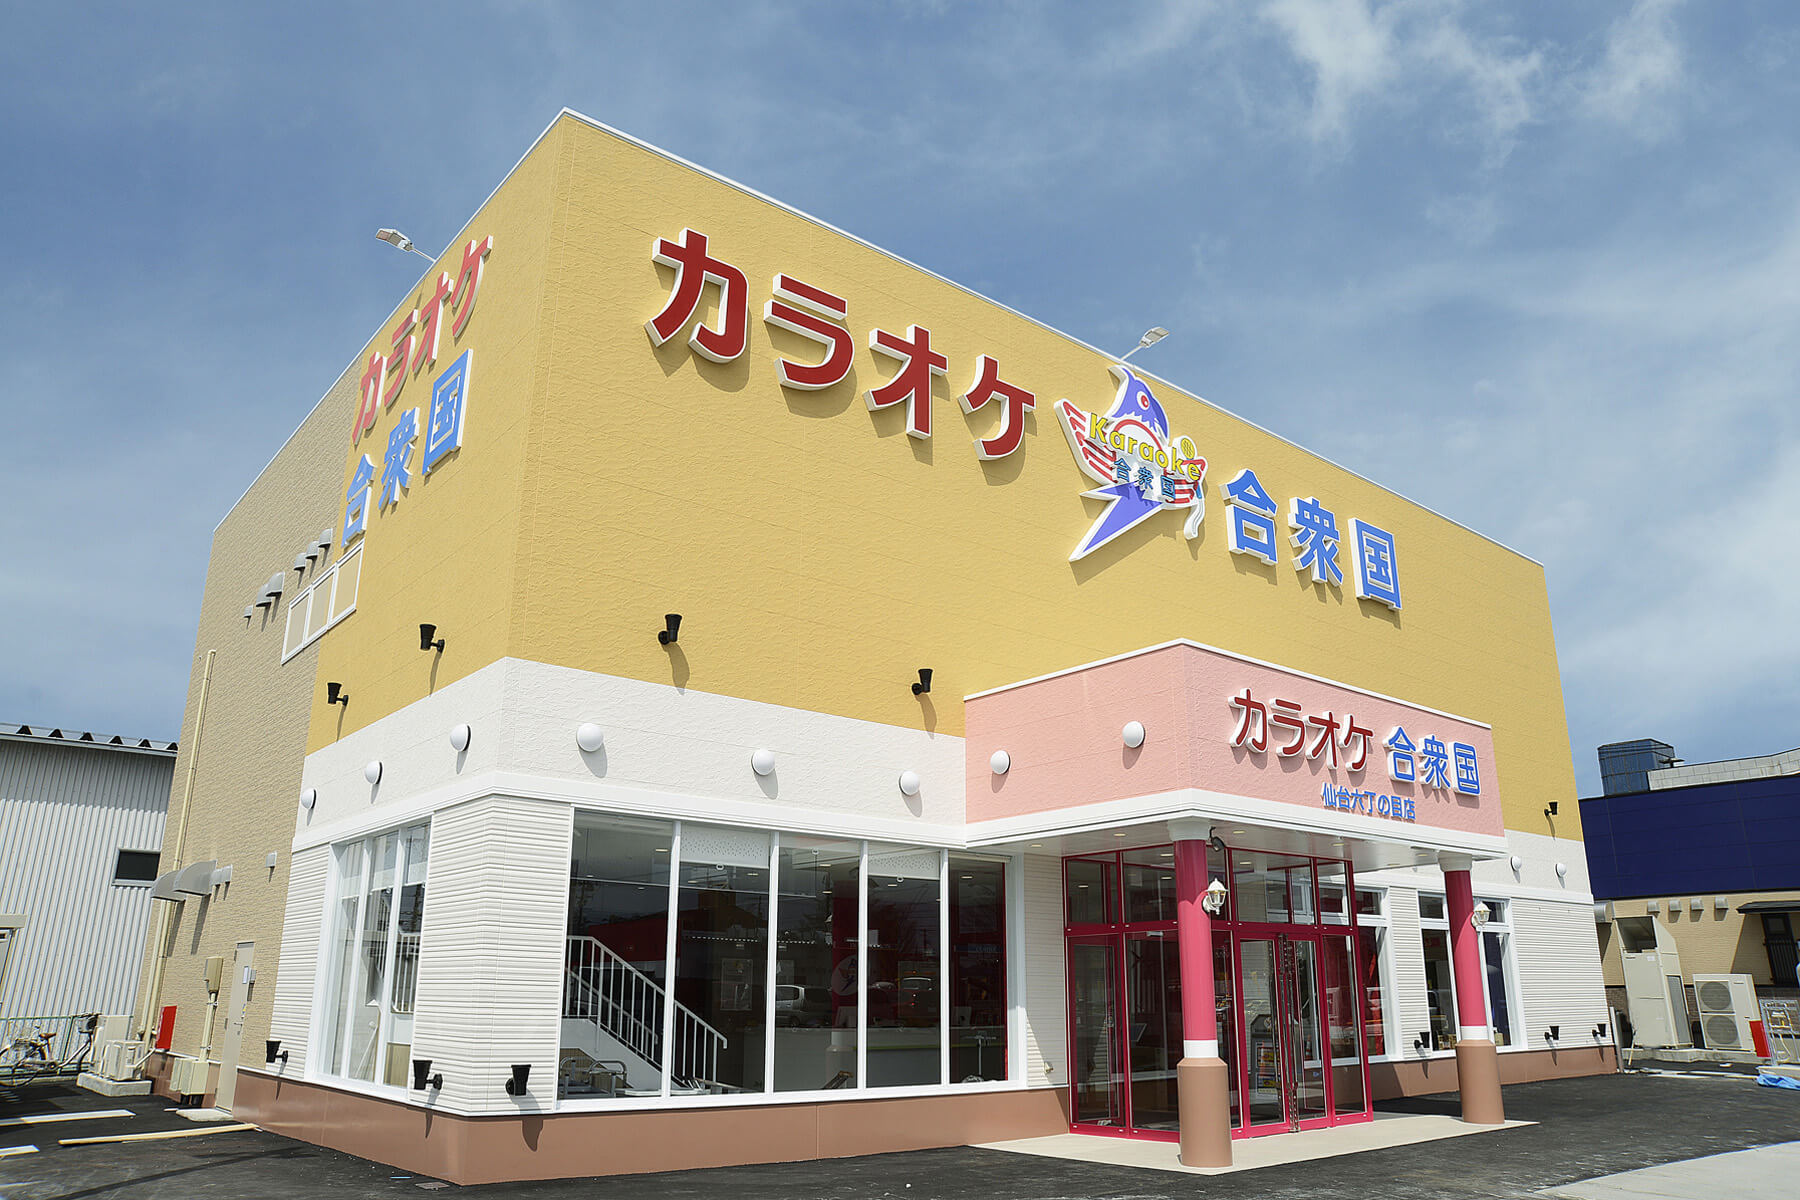 カラオケ合衆国 仙台六丁の目店のイメージ